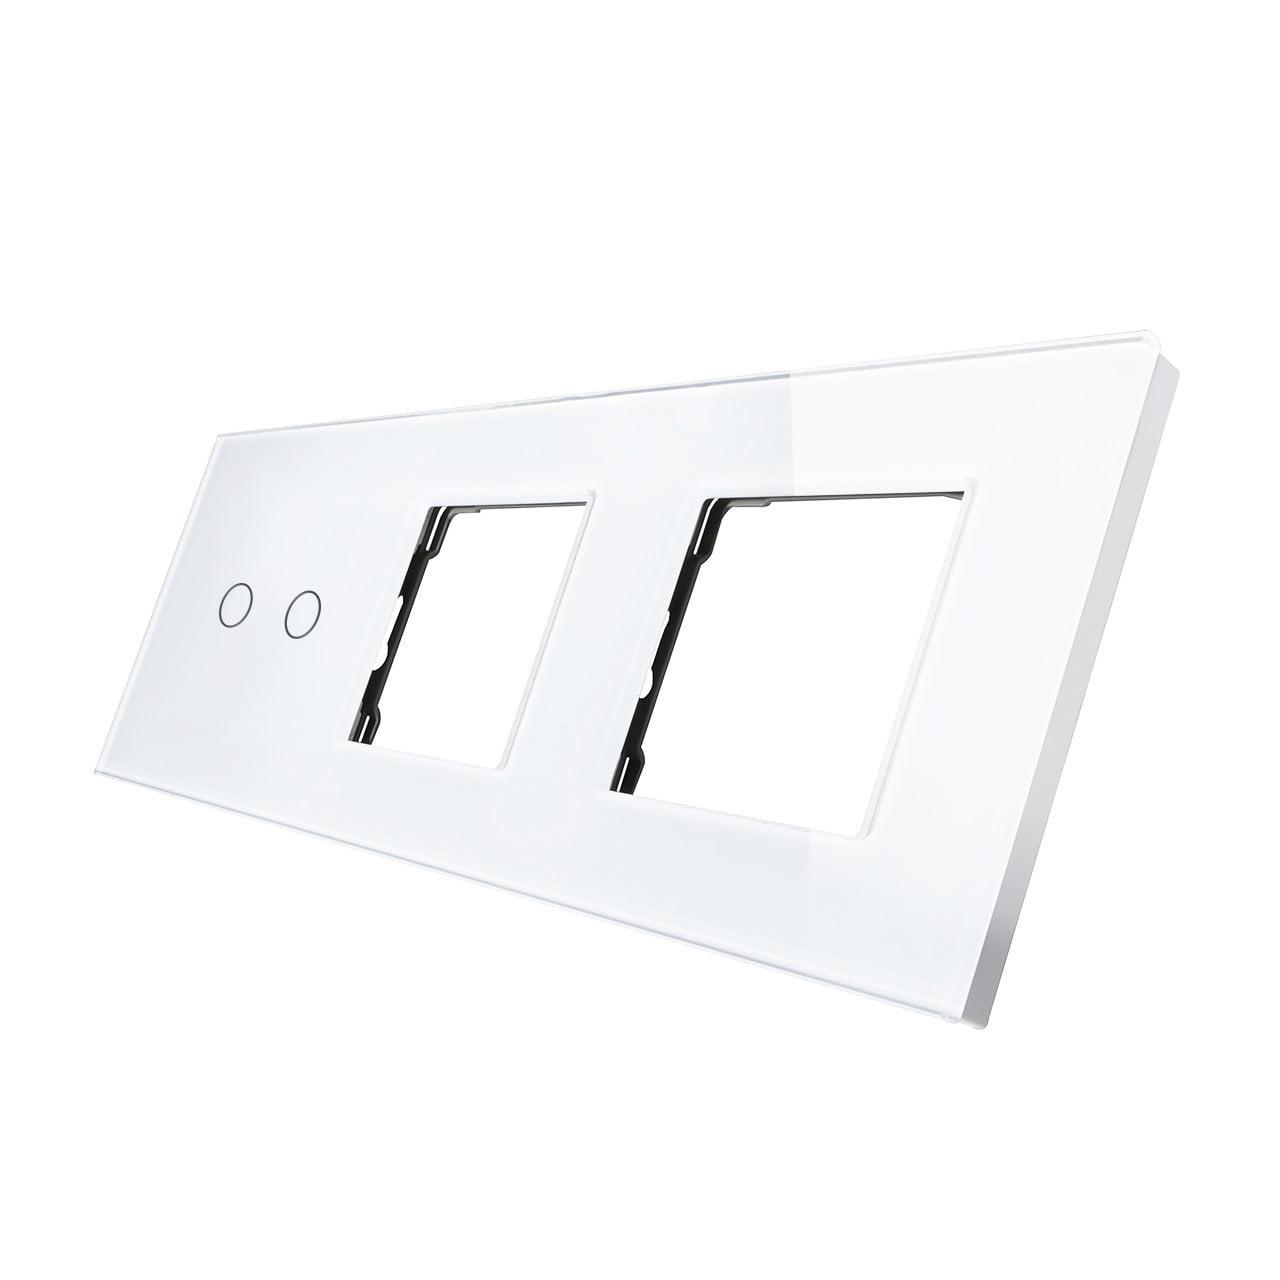 Rama sticla pentru intrerupator cu touch dublu + modul priza dublu, Smart Home